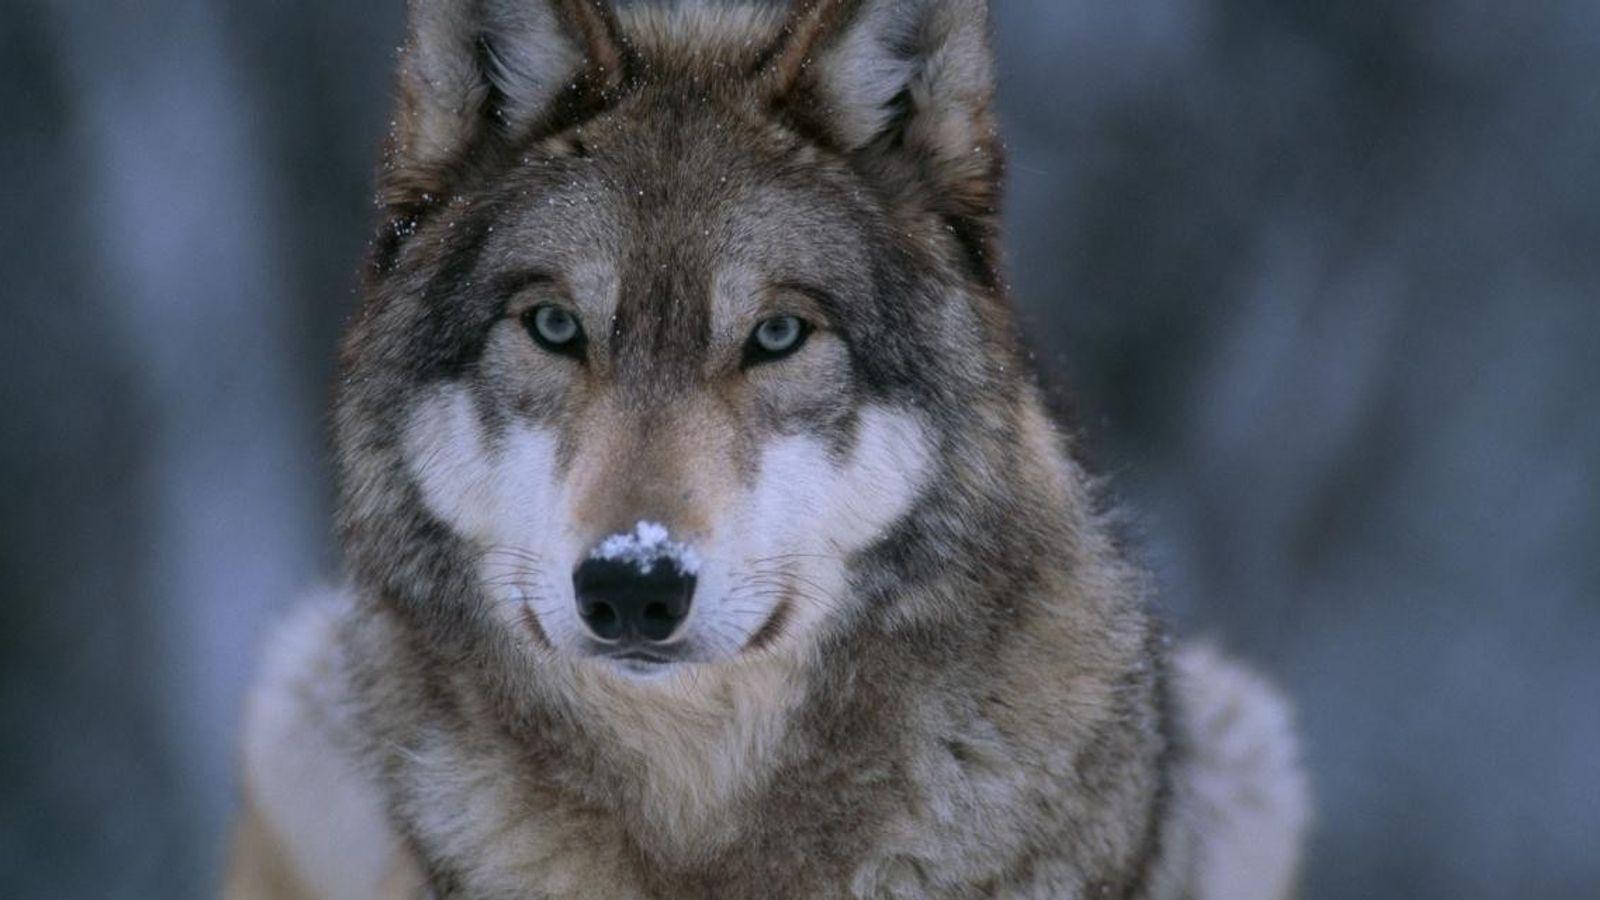 Un loup gris (Canis lupus) photographié dans la neige.